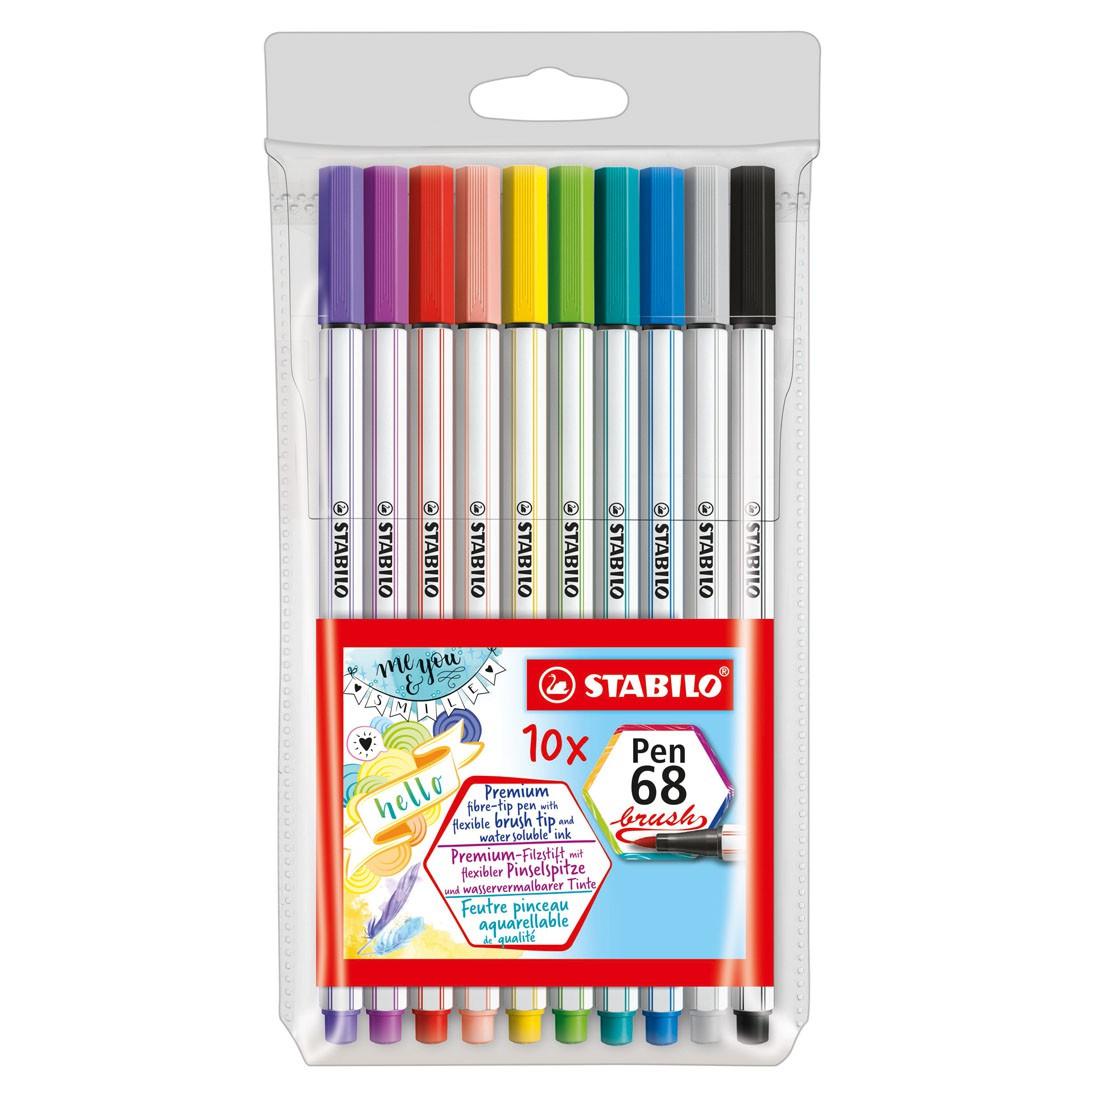 Caneta Stabilo Pen Brush 68 com 10 Cores